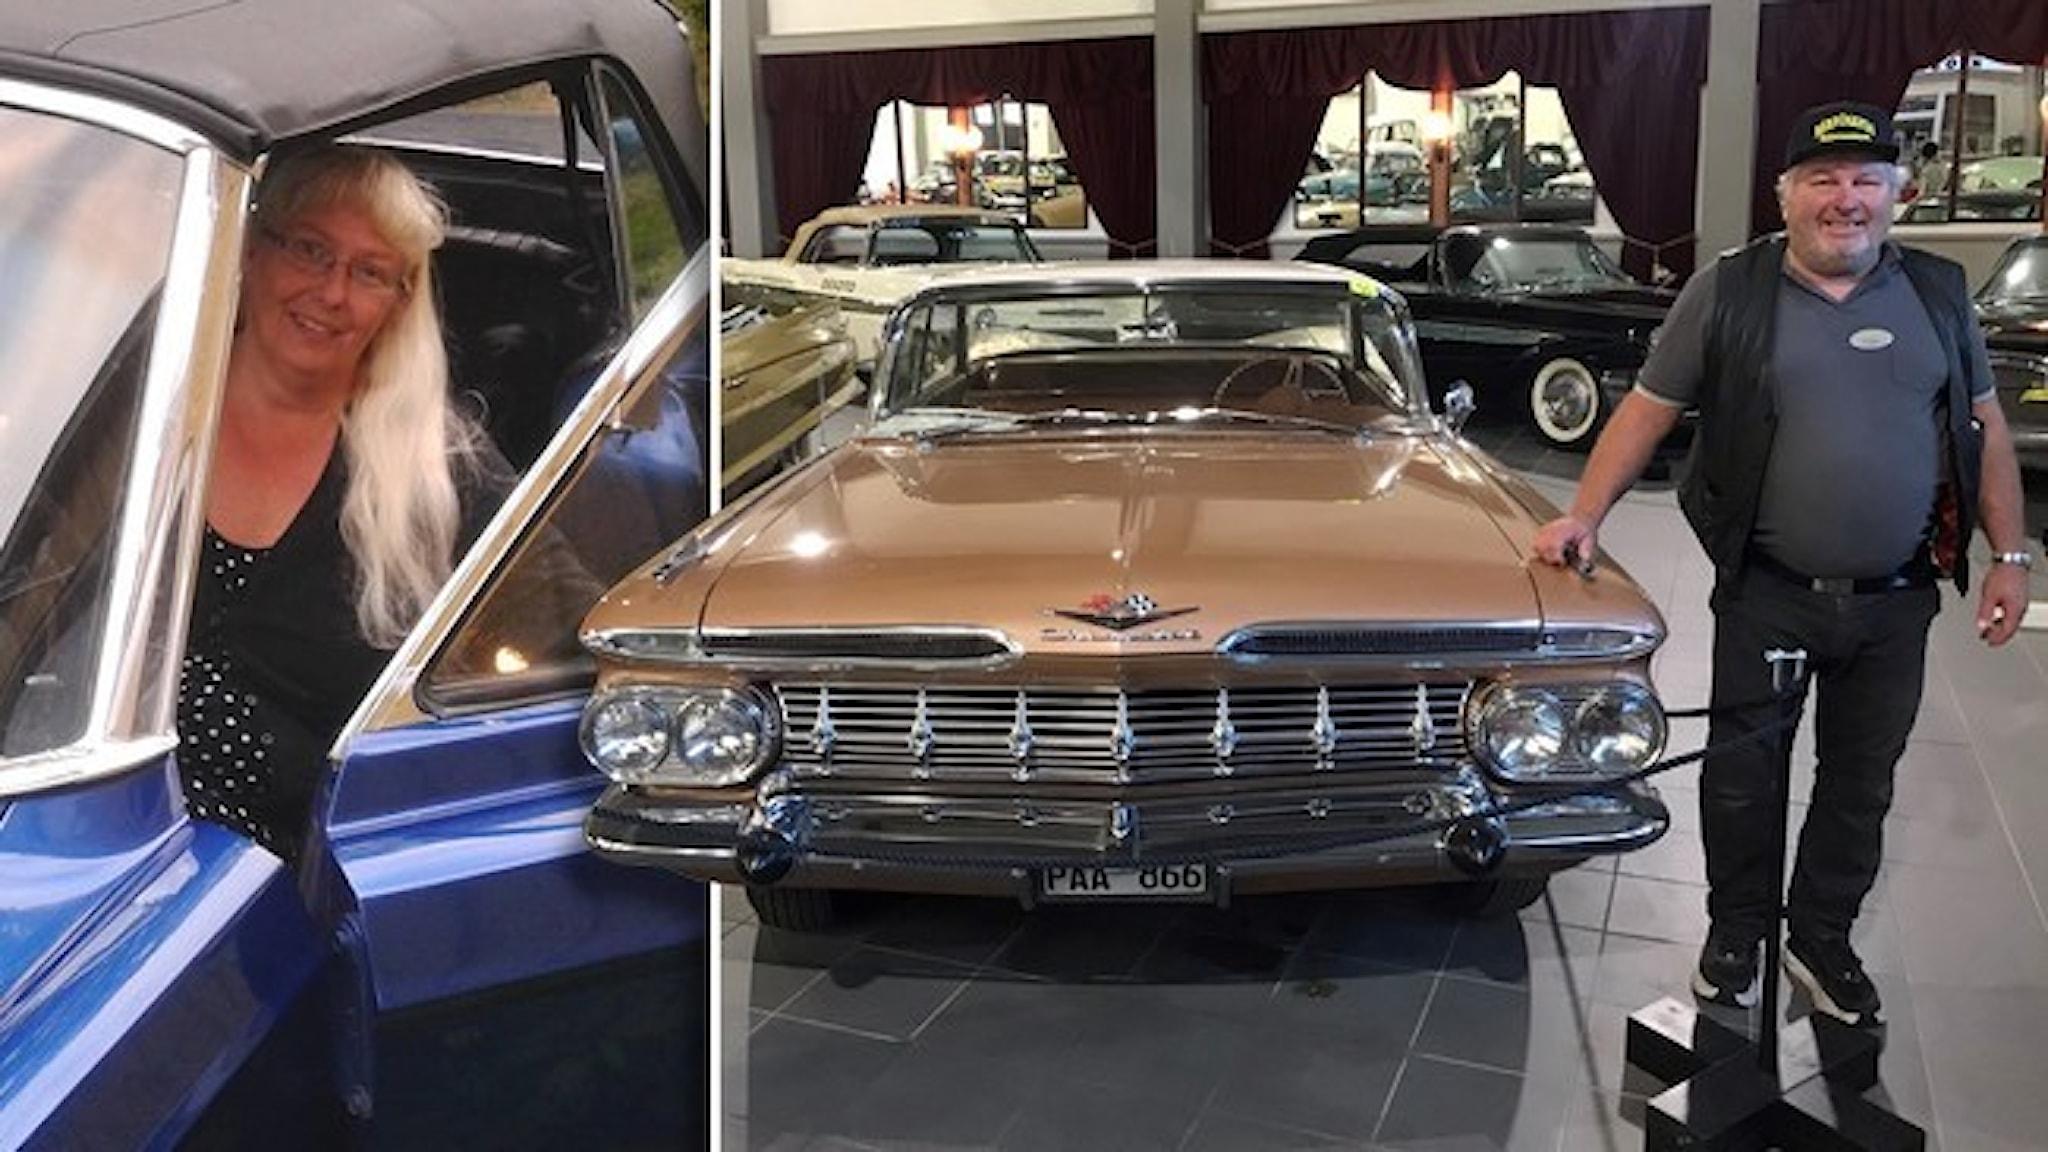 En kvinna tittar ut från förarsätet på en blå bil och en man lutar sig mot en brun Chevrolet.